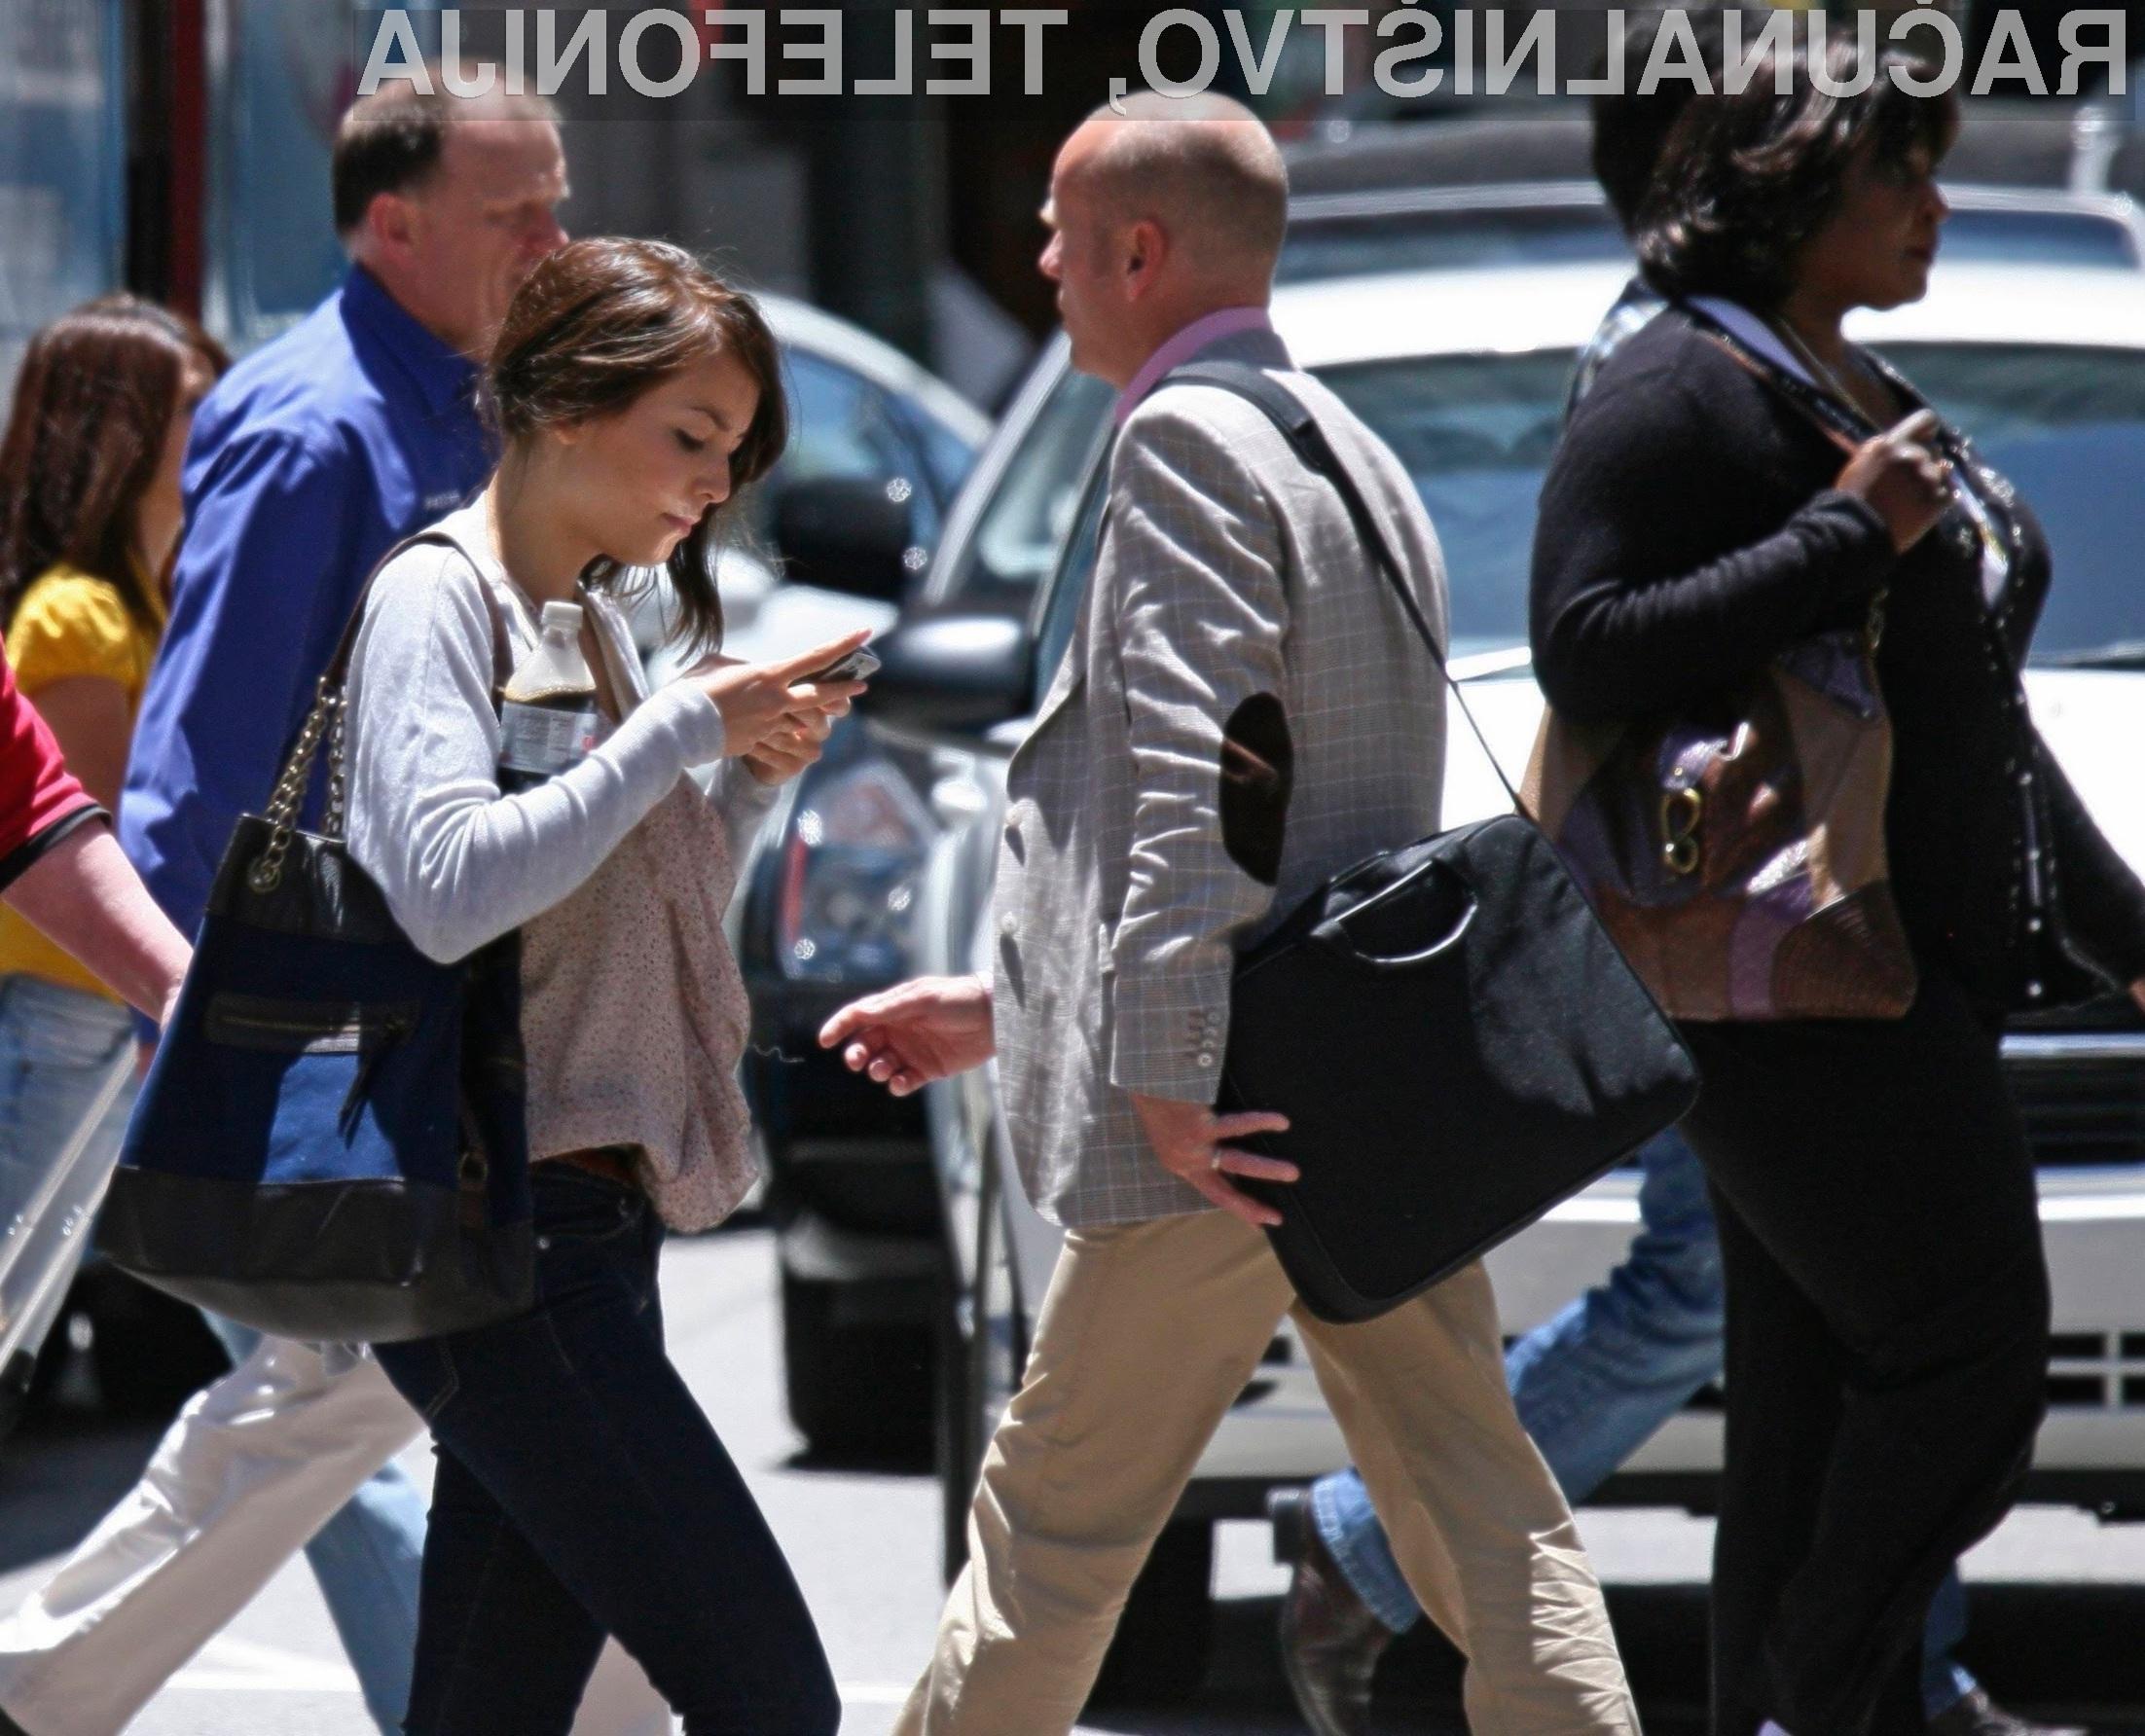 Pisanje kratkih sporočil in prebiranje vsebin na mobilniku je med hojo smrtno nevarno početje!